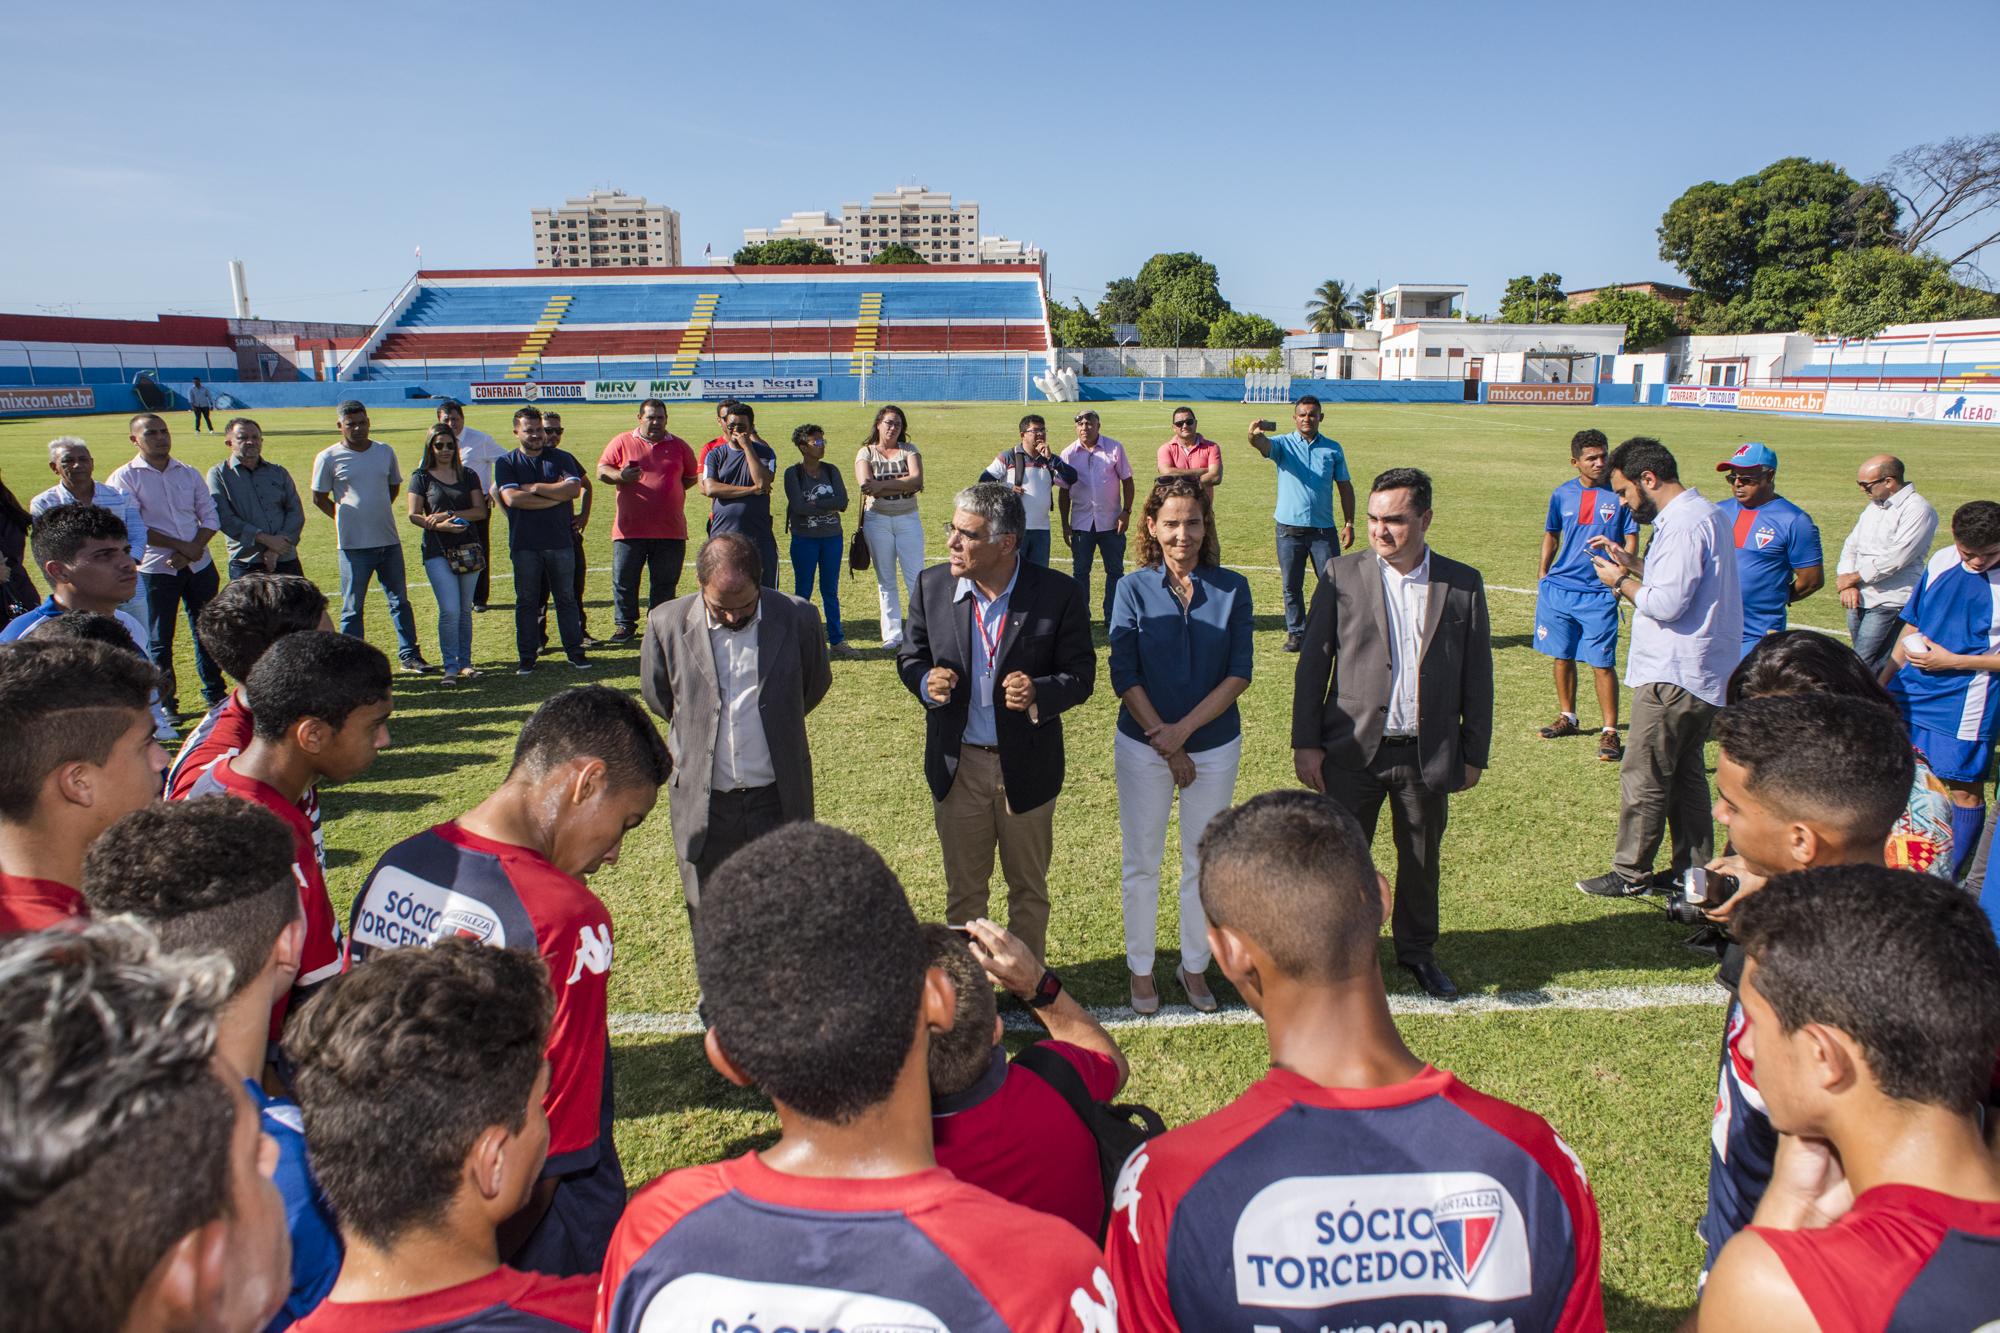 A solenidade foi realizada no Estádio Alcides Santos e contou com a presença da vice-governadora Izolda Cela, do superintendente do Sistema Estadual de Atendimento Socioeducativo, Cássio Franco, e do presidente do Fortaleza, Luiz Eduardo Girão.